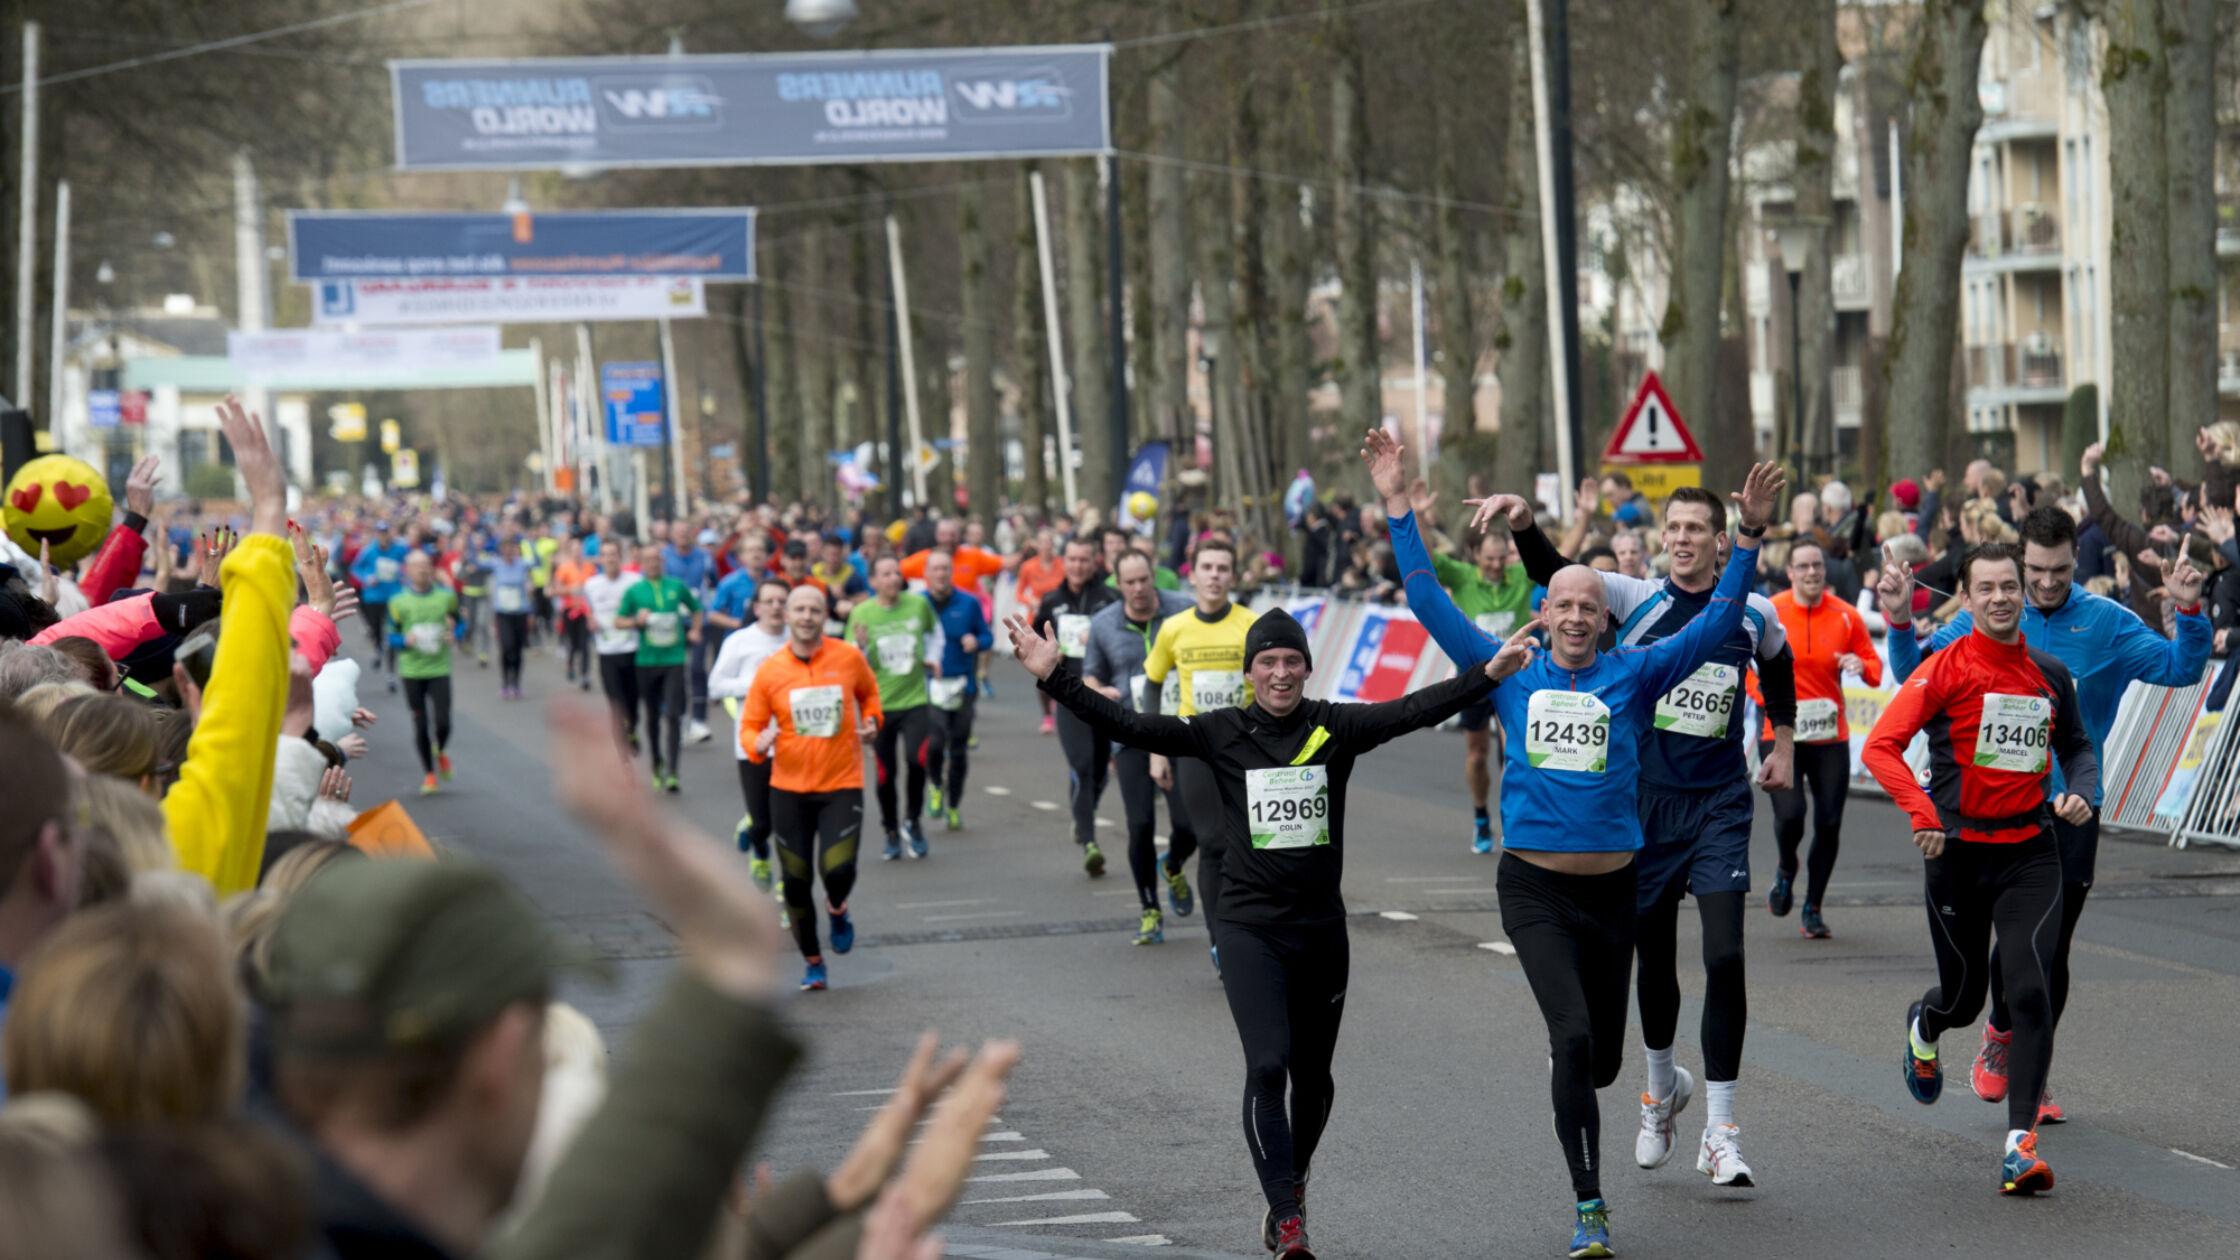 Geslaagde 45ste editie van de Centraal Beheer Midwinter Marathon